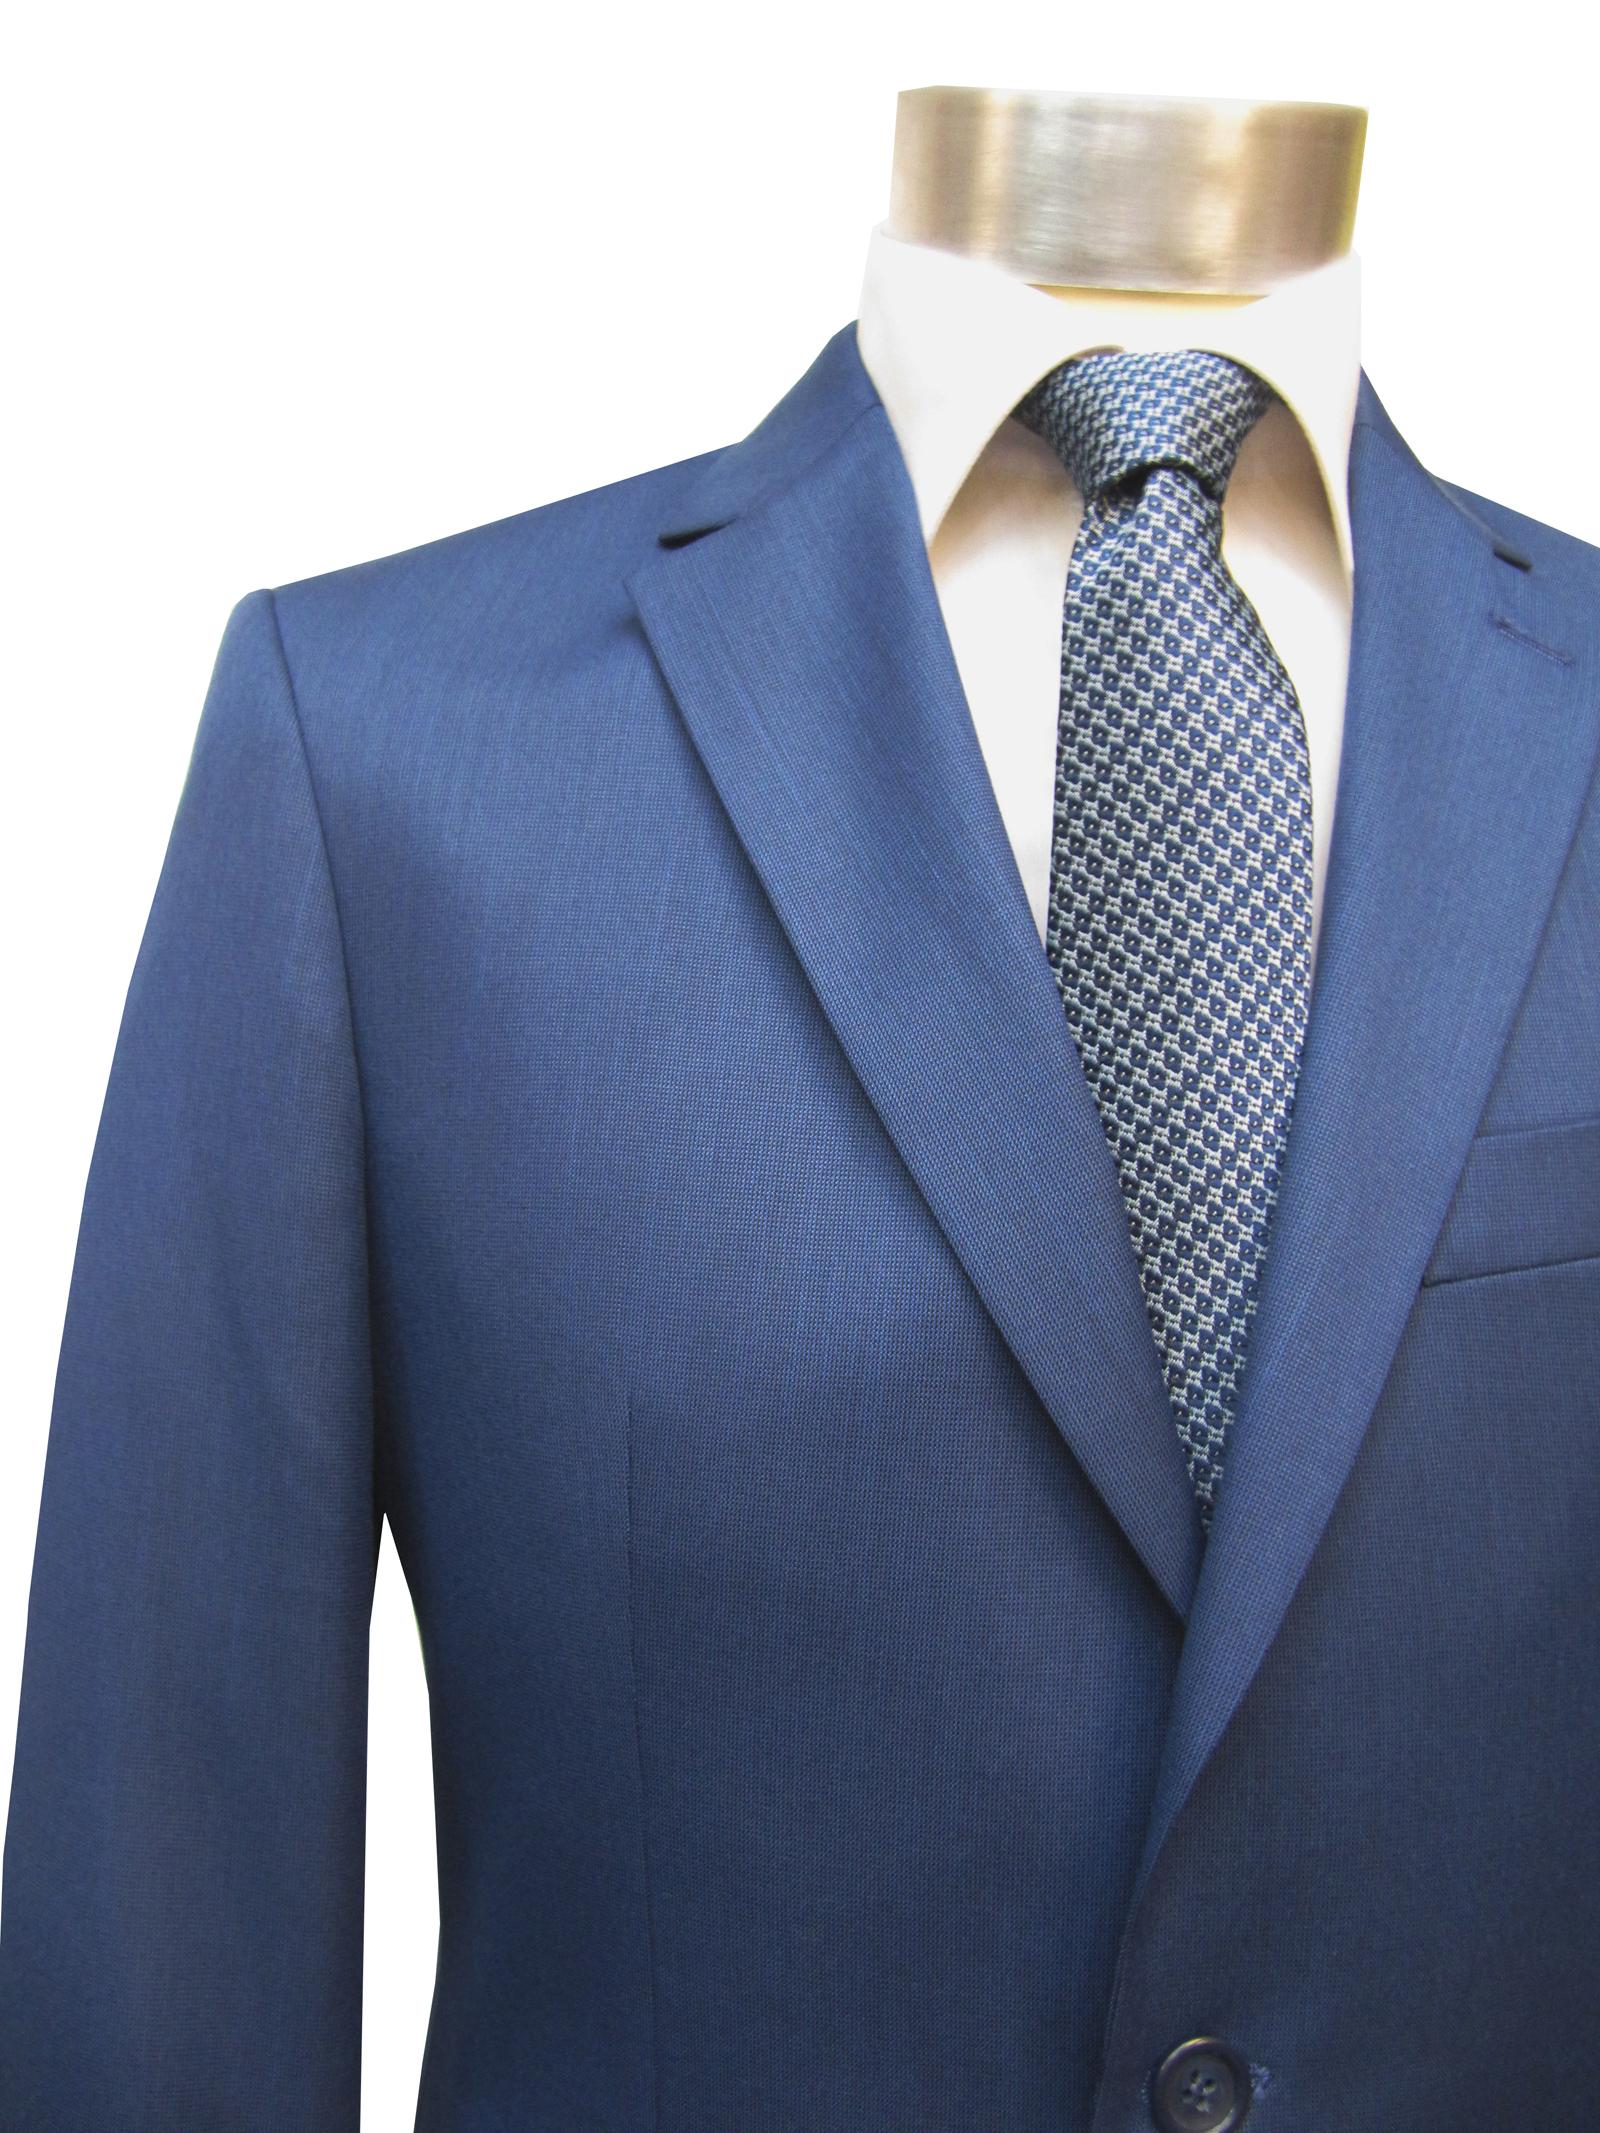 moderne slim fit herren anzug blau. Black Bedroom Furniture Sets. Home Design Ideas